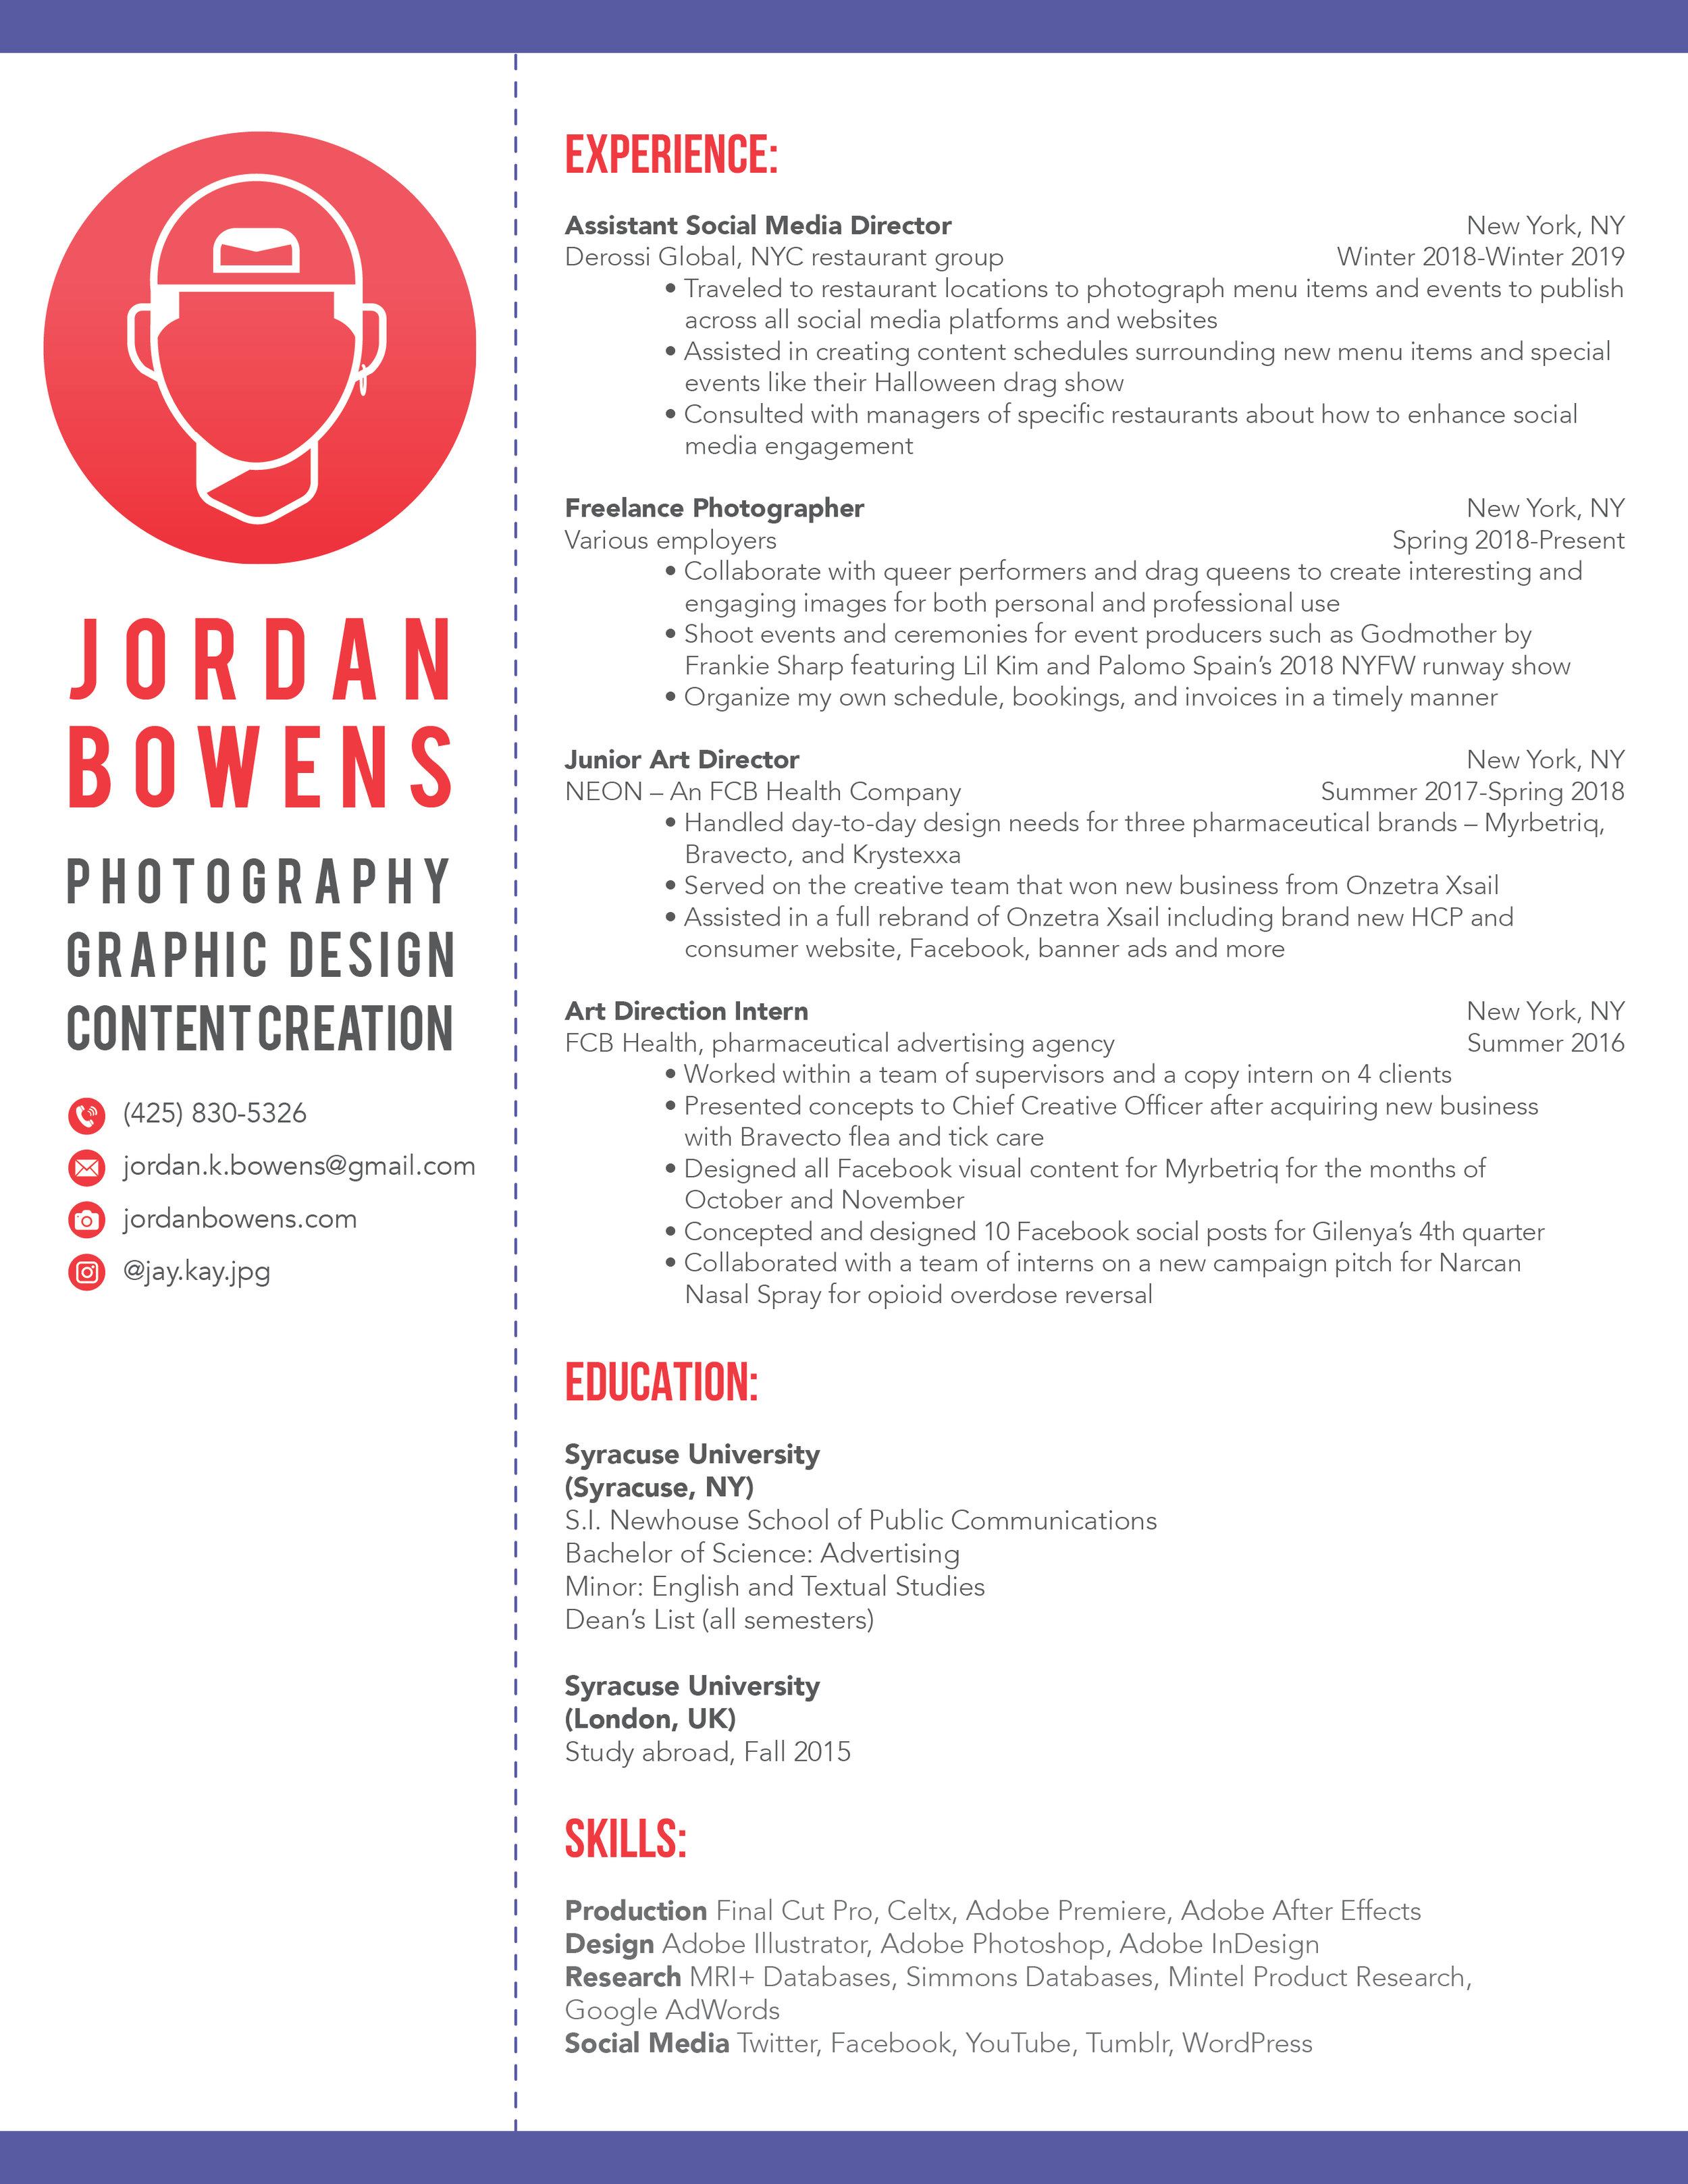 BowensCoverLetter2019.jpg